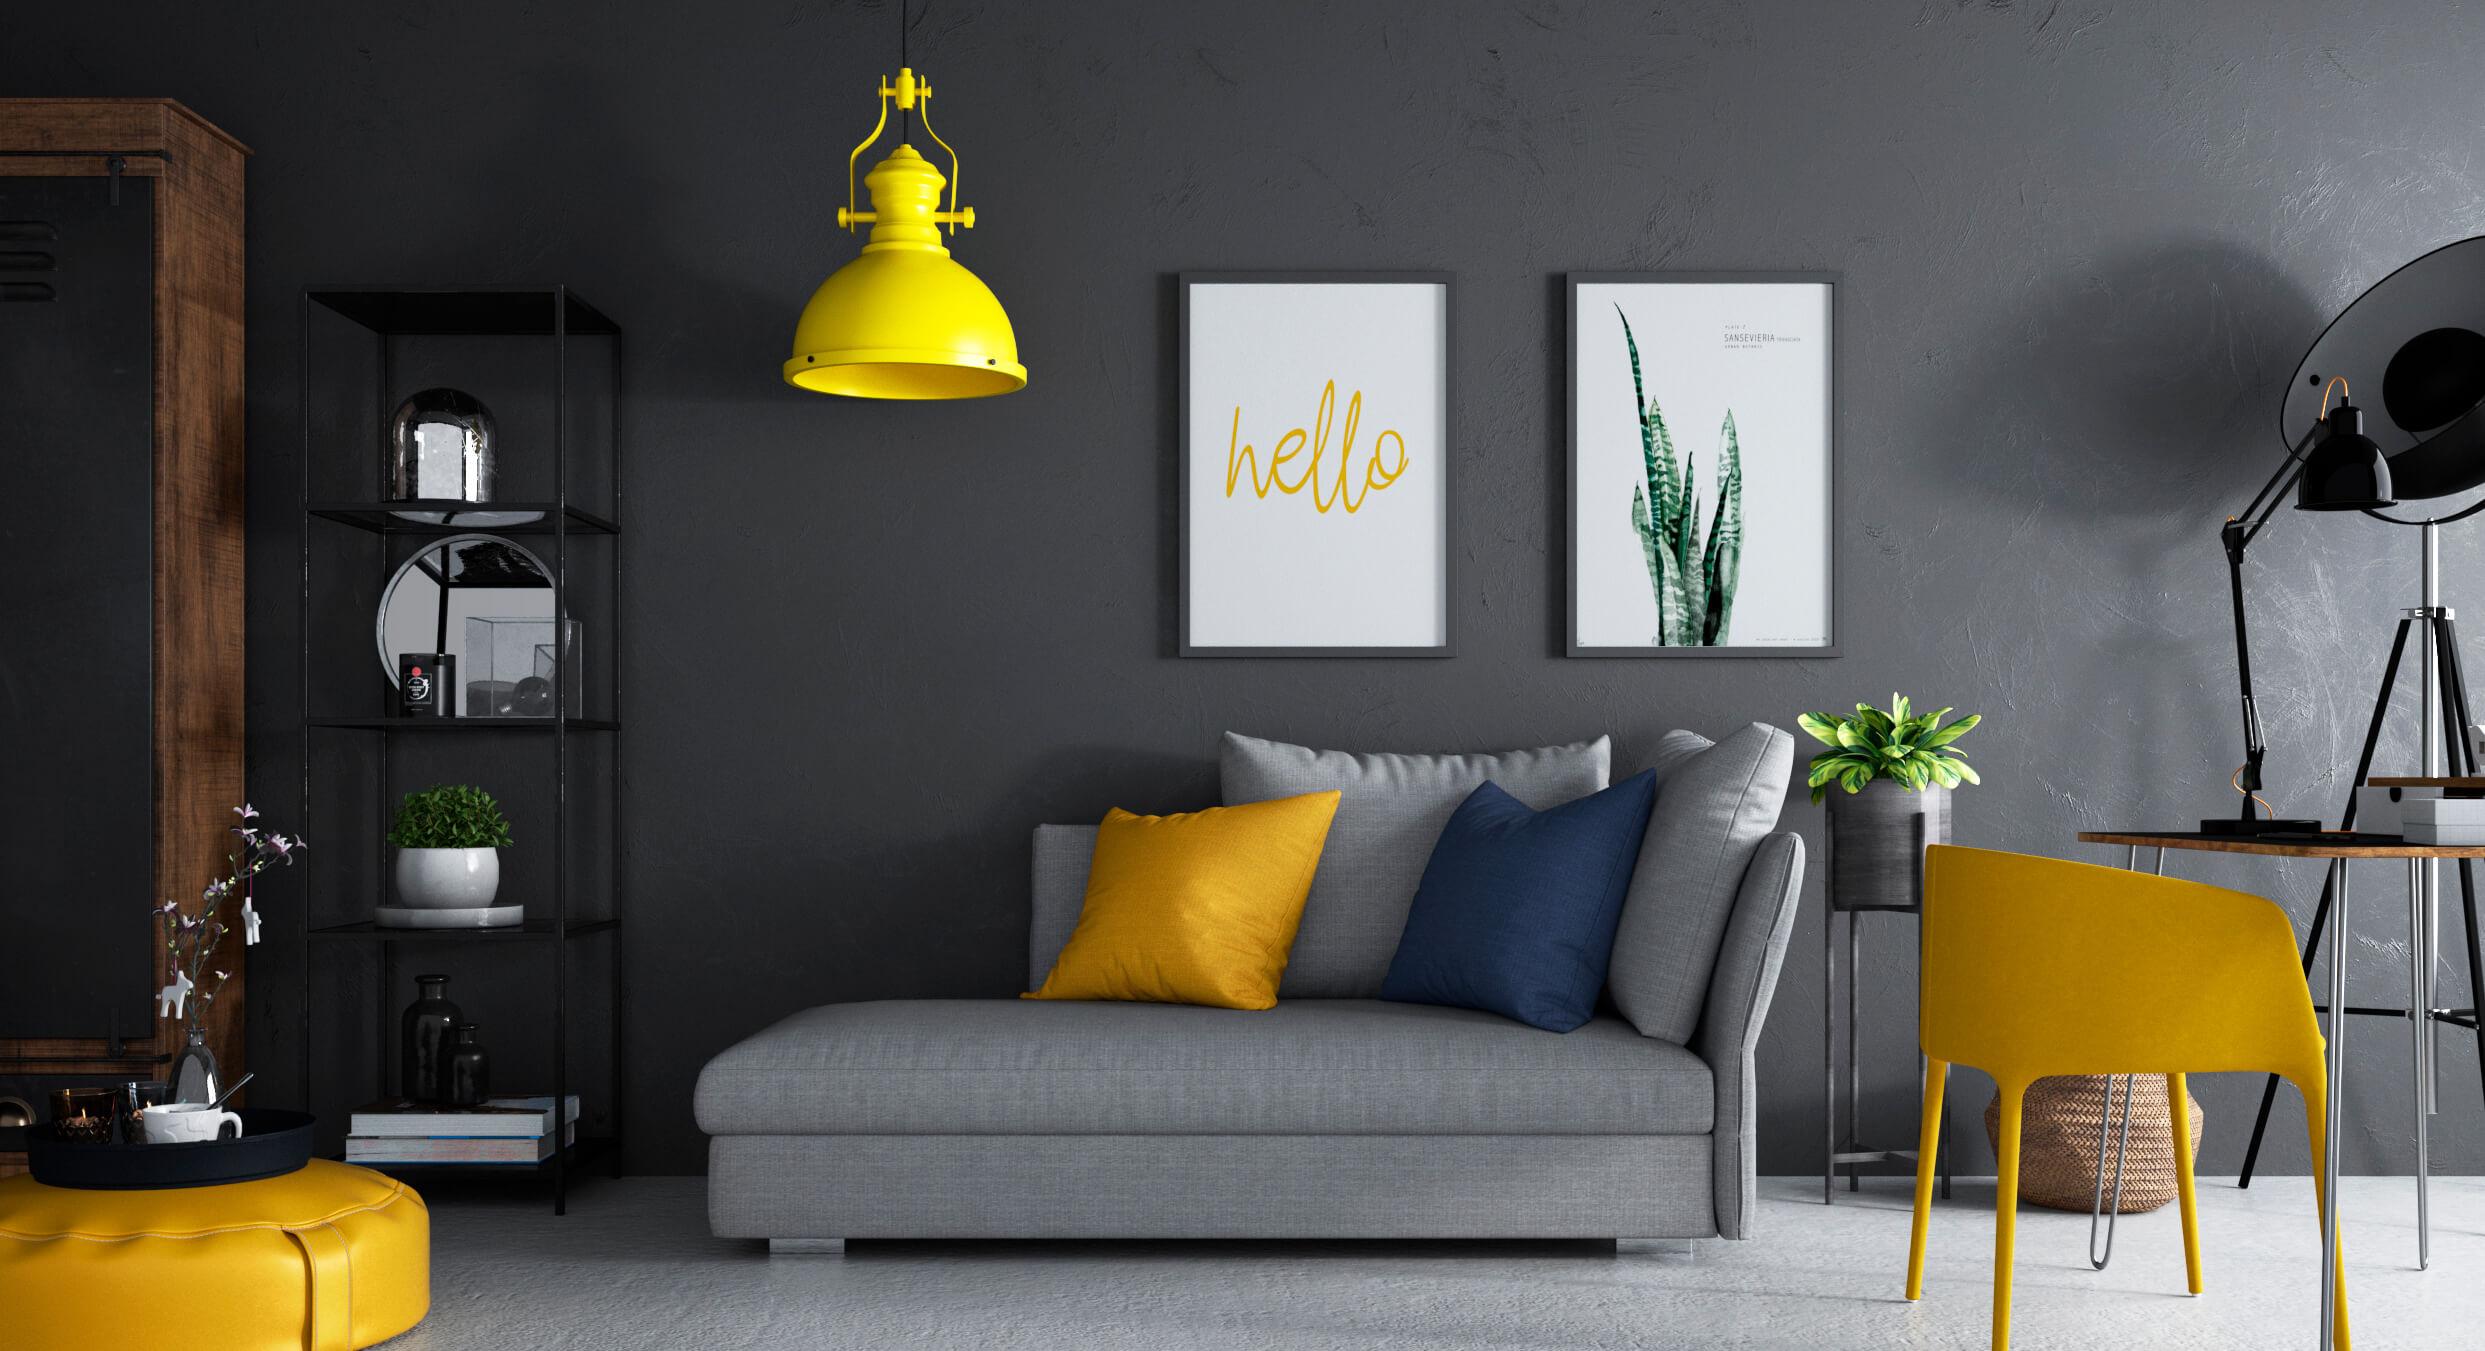 Render 3D realista de salón moderno en tonos amarillos, azules y grises